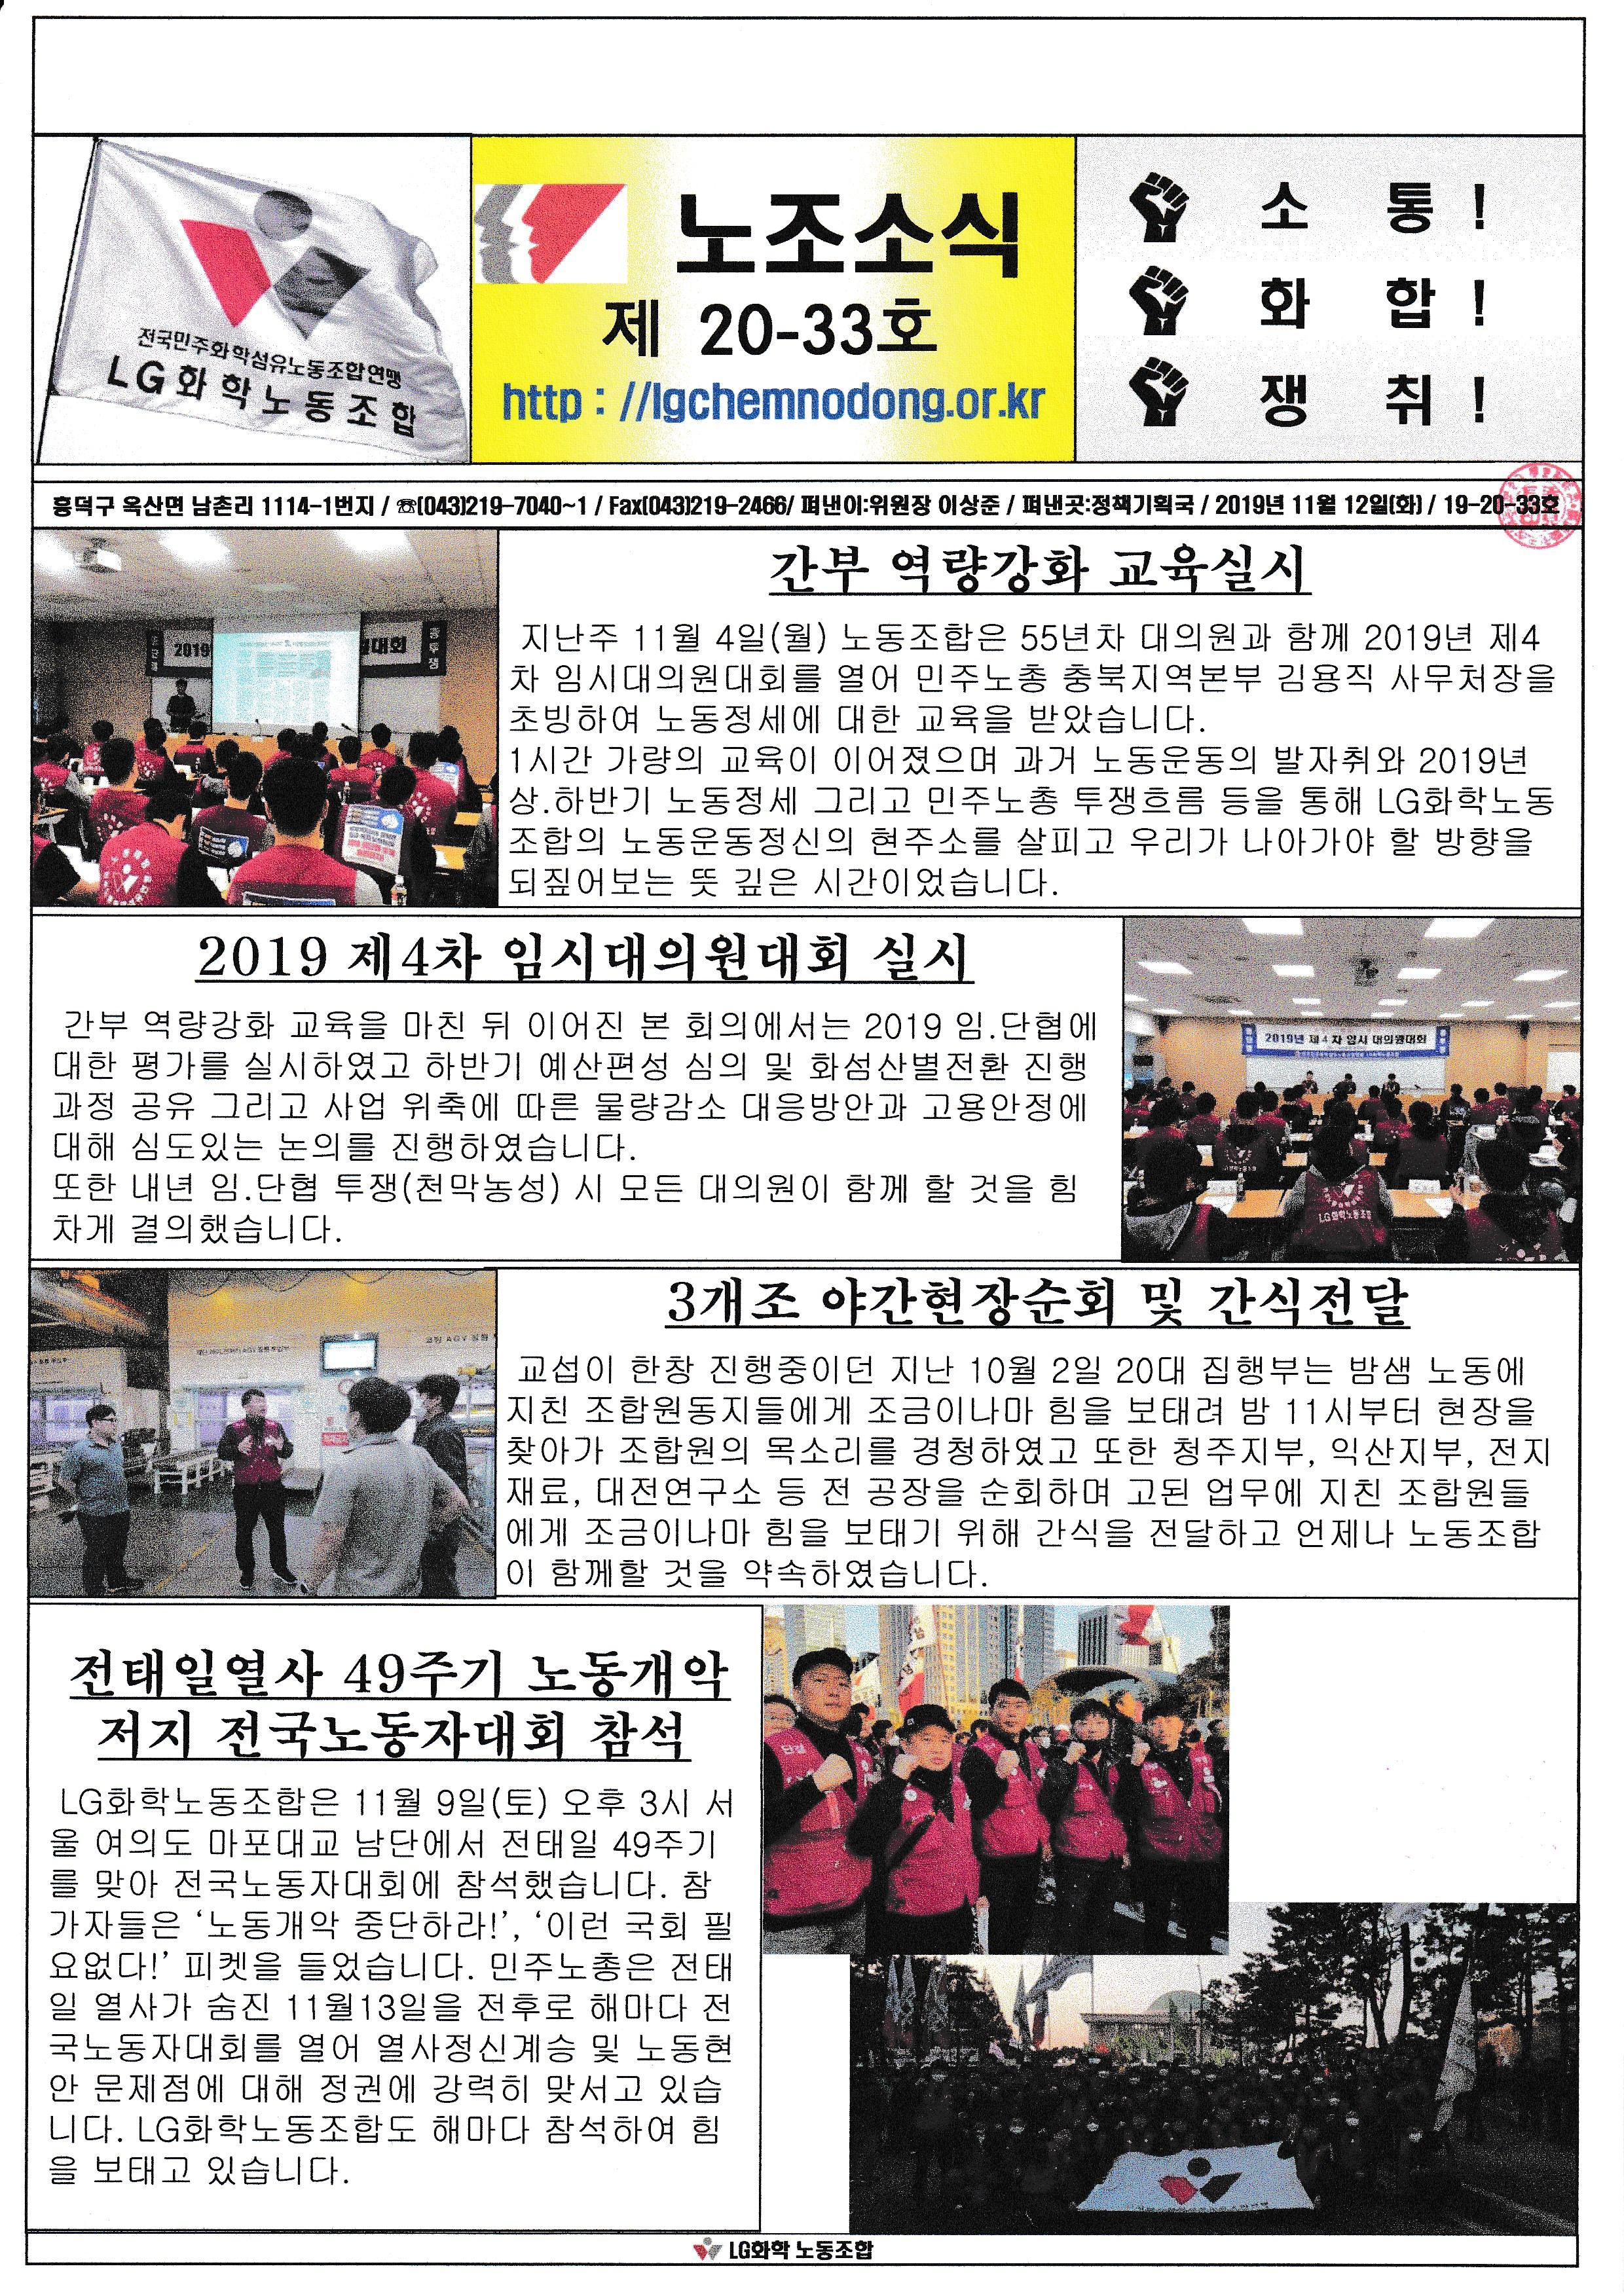 노조소식지 20-33호(19.11.12)